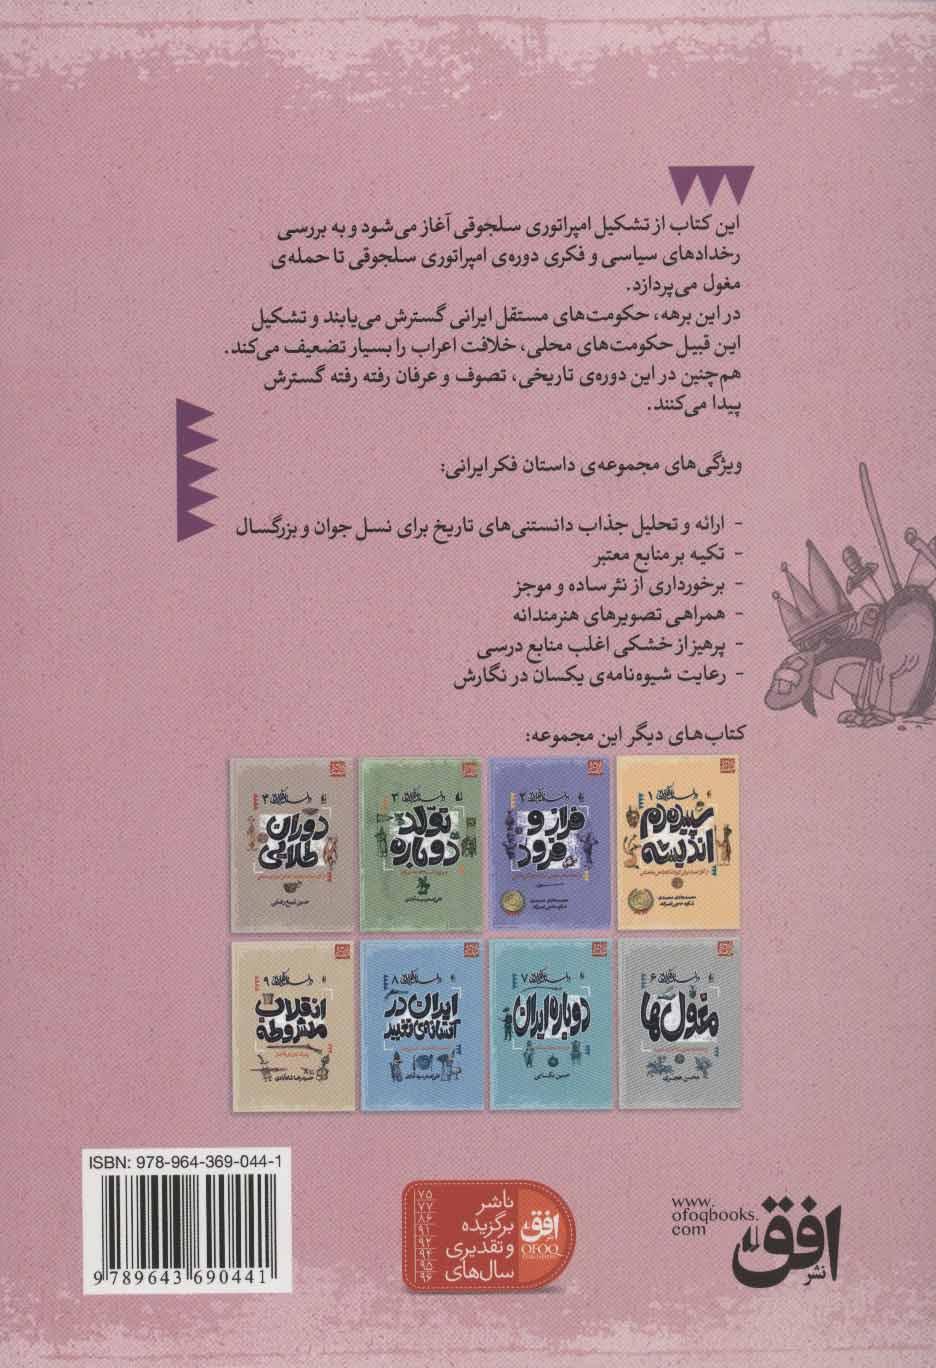 داستان فکر ایرانی 5 (فرار از عقل)